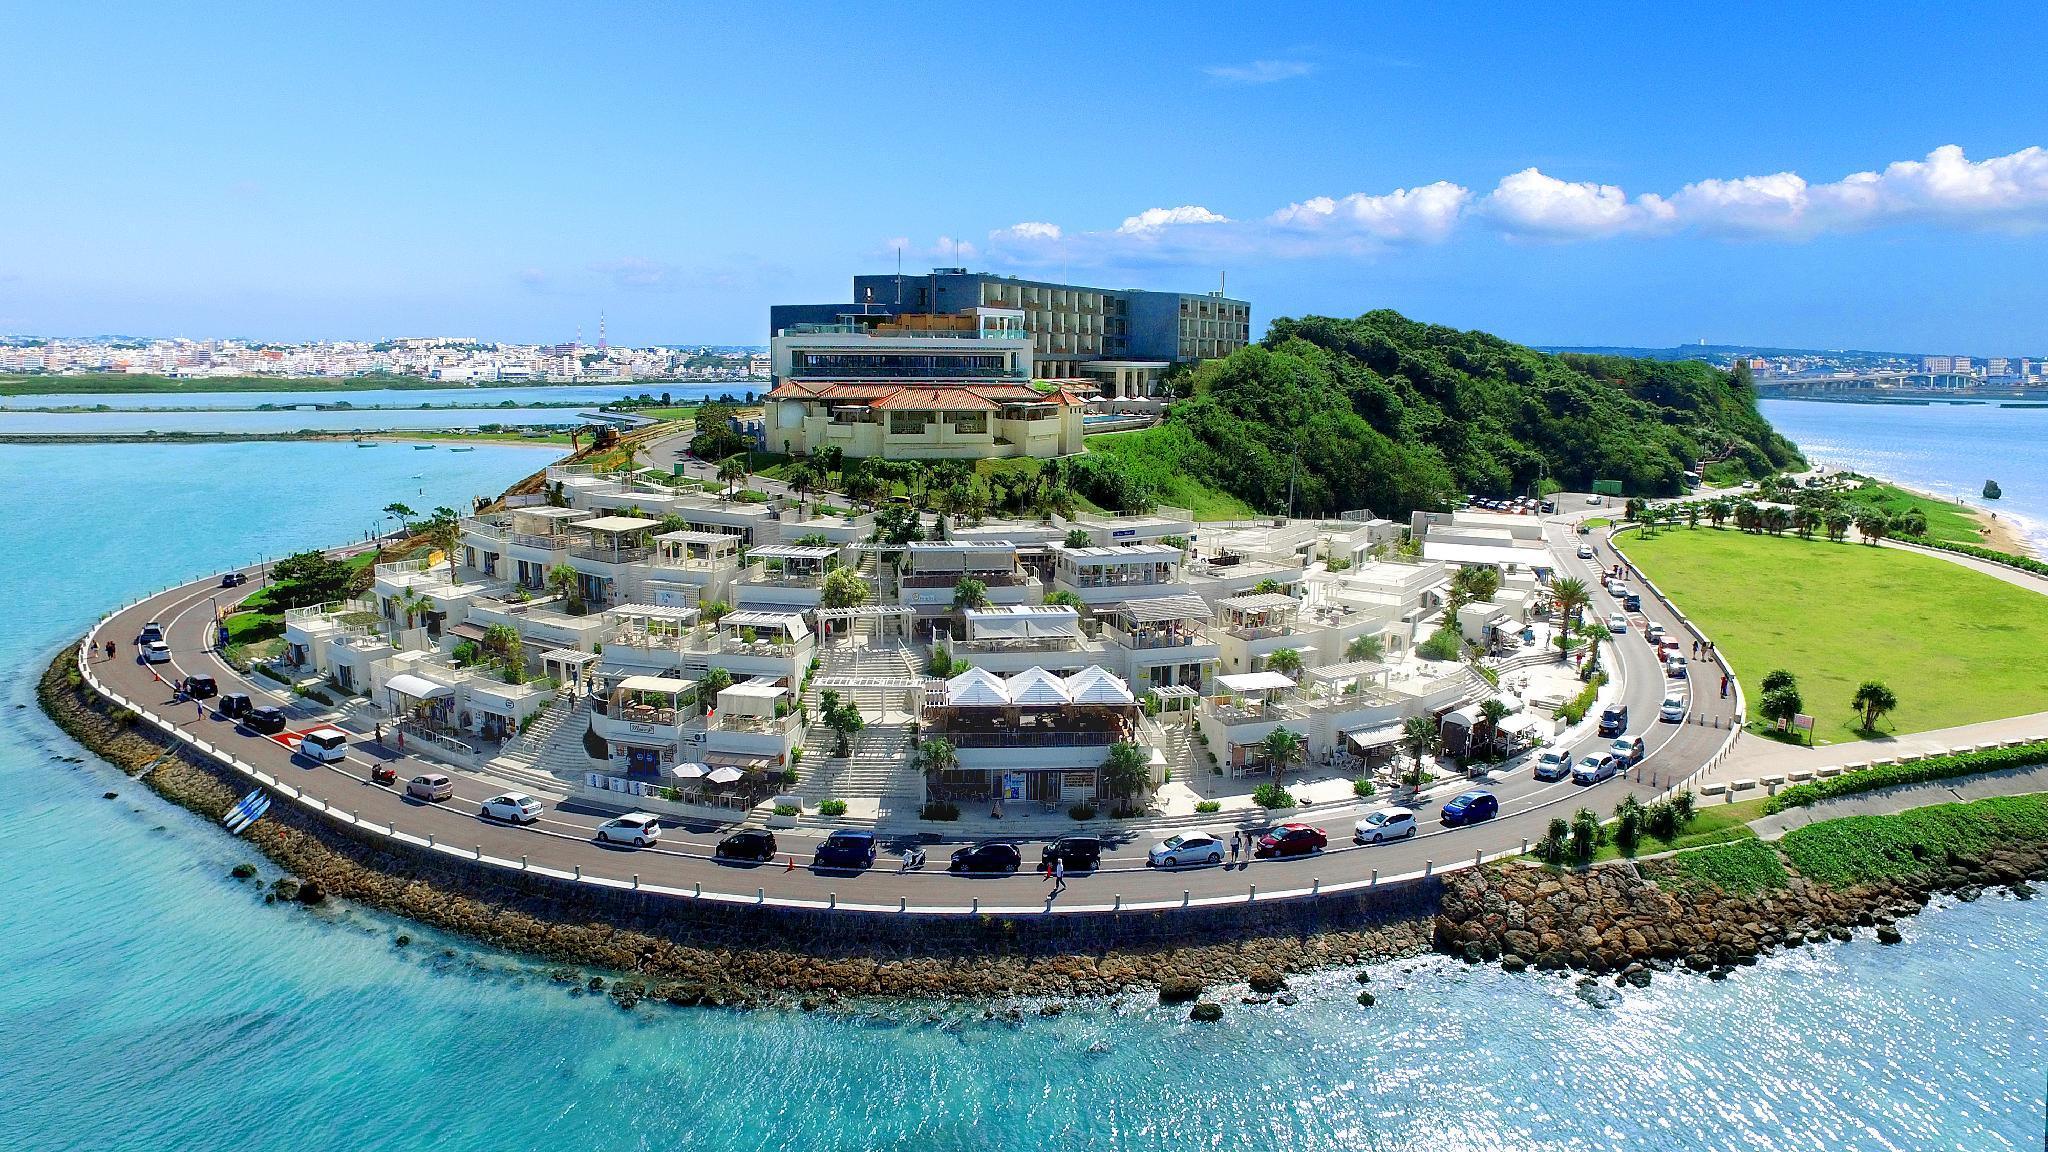 沖繩本島琉球溫泉瀨長島飯店 (Ryukyu Onsen Senagajima Hotel)線上訂房|Agoda.com